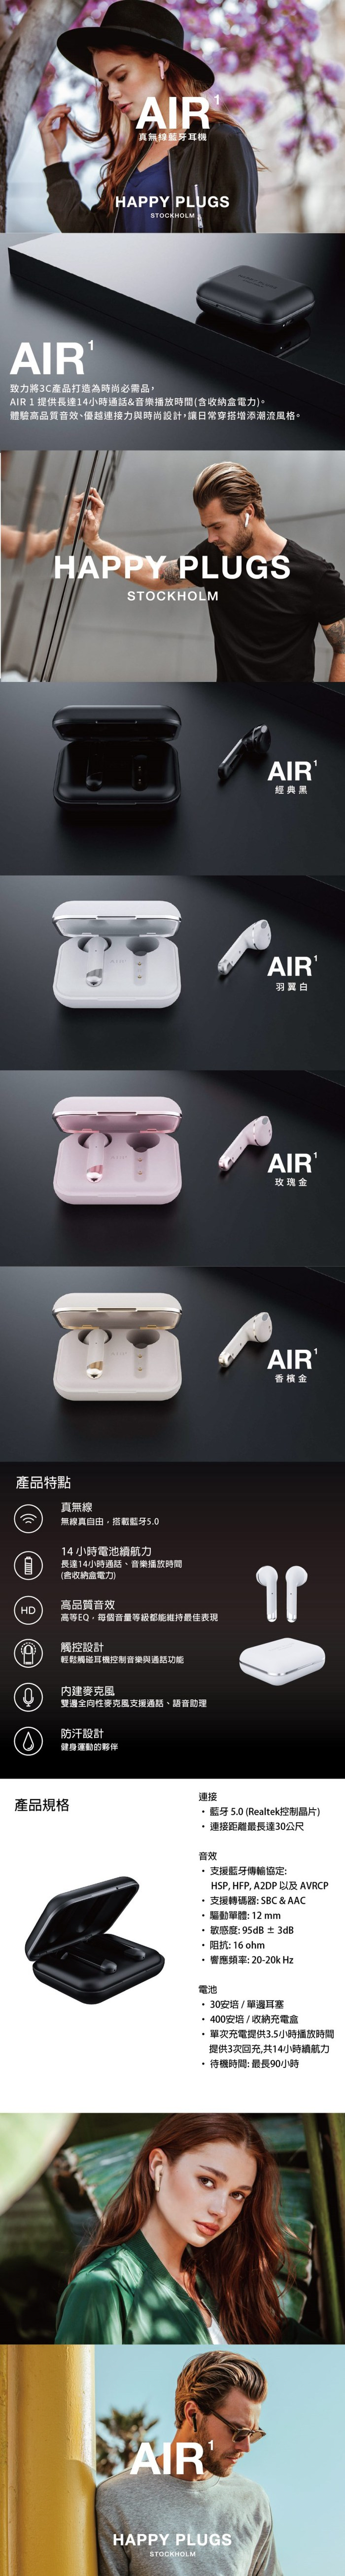 HAPPY PLUGS Air 1真無線藍牙耳機(經典黑)